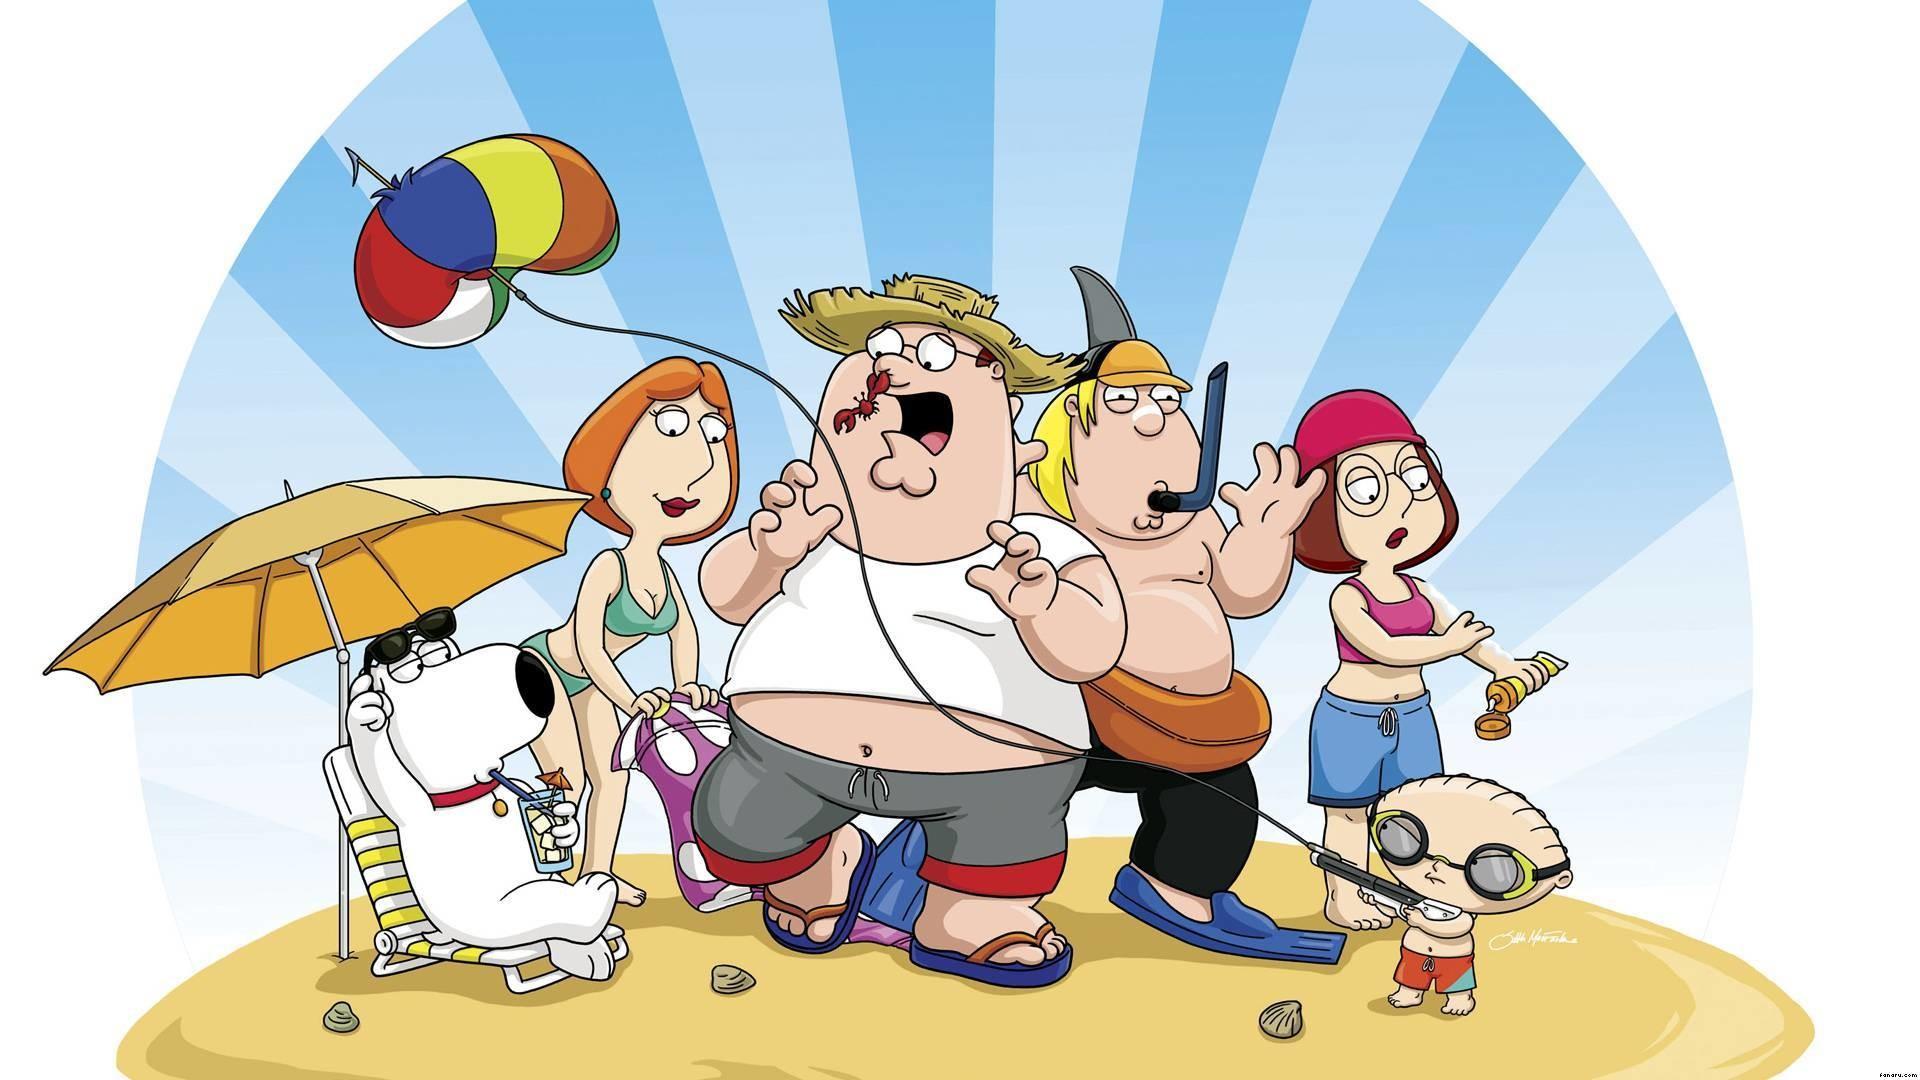 Family Guy vacation – Family Guy Wallpaper (1920×1080)